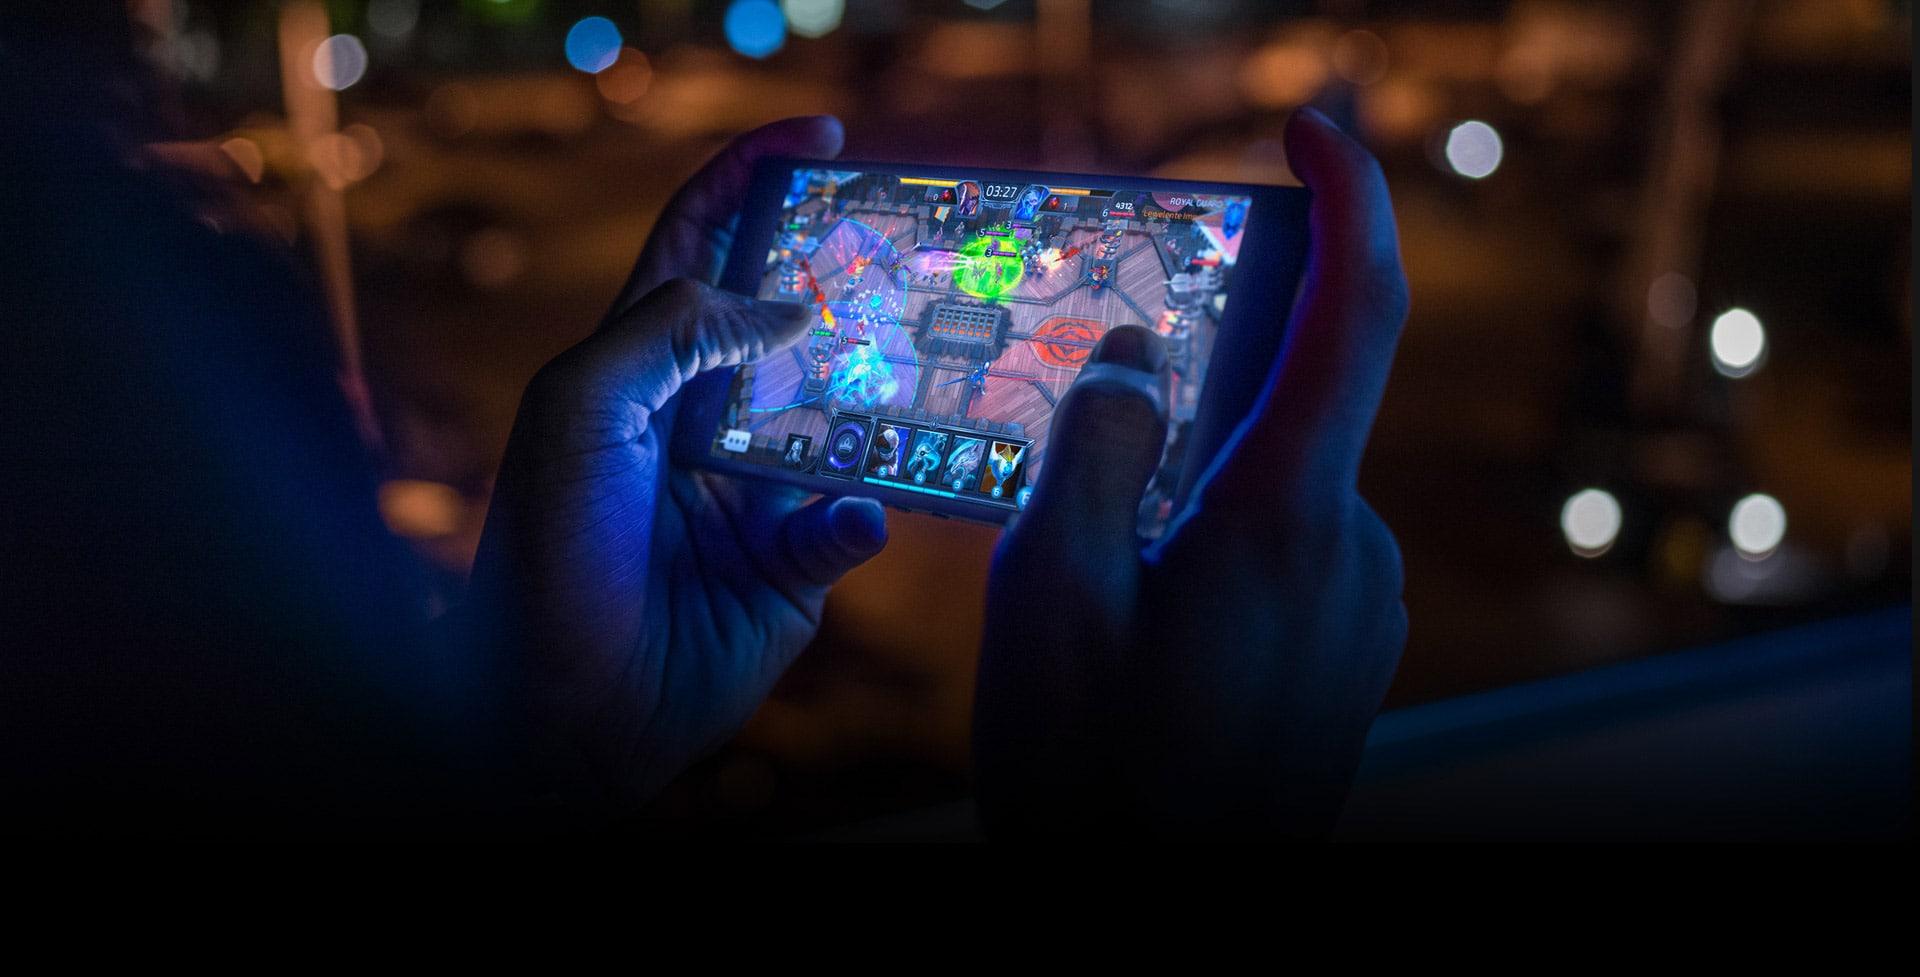 Razer Phone 2: Ein Traum von einem Gamer-Smartphone? Nunja..